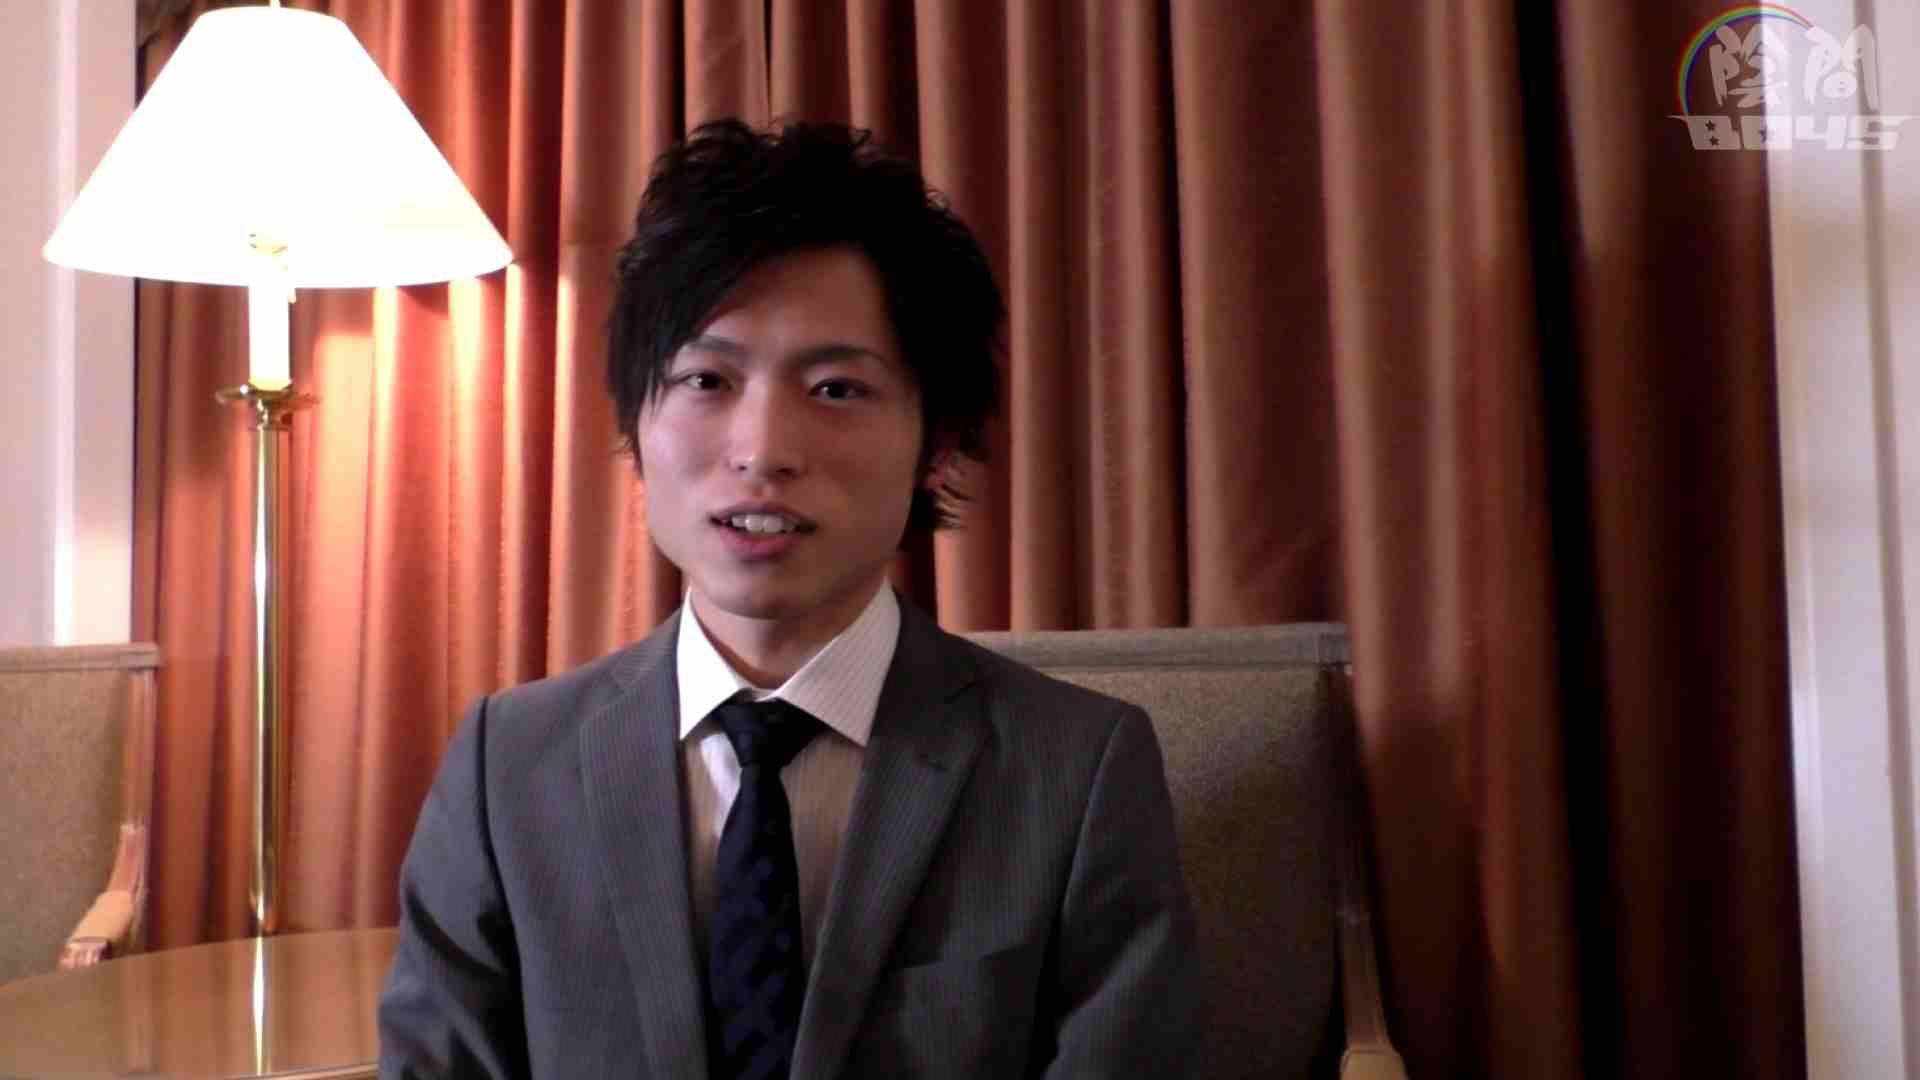 陰間BOYS~AV男優面接2、俺のアナルが…~01 オナニー 男同士動画 106pic 3